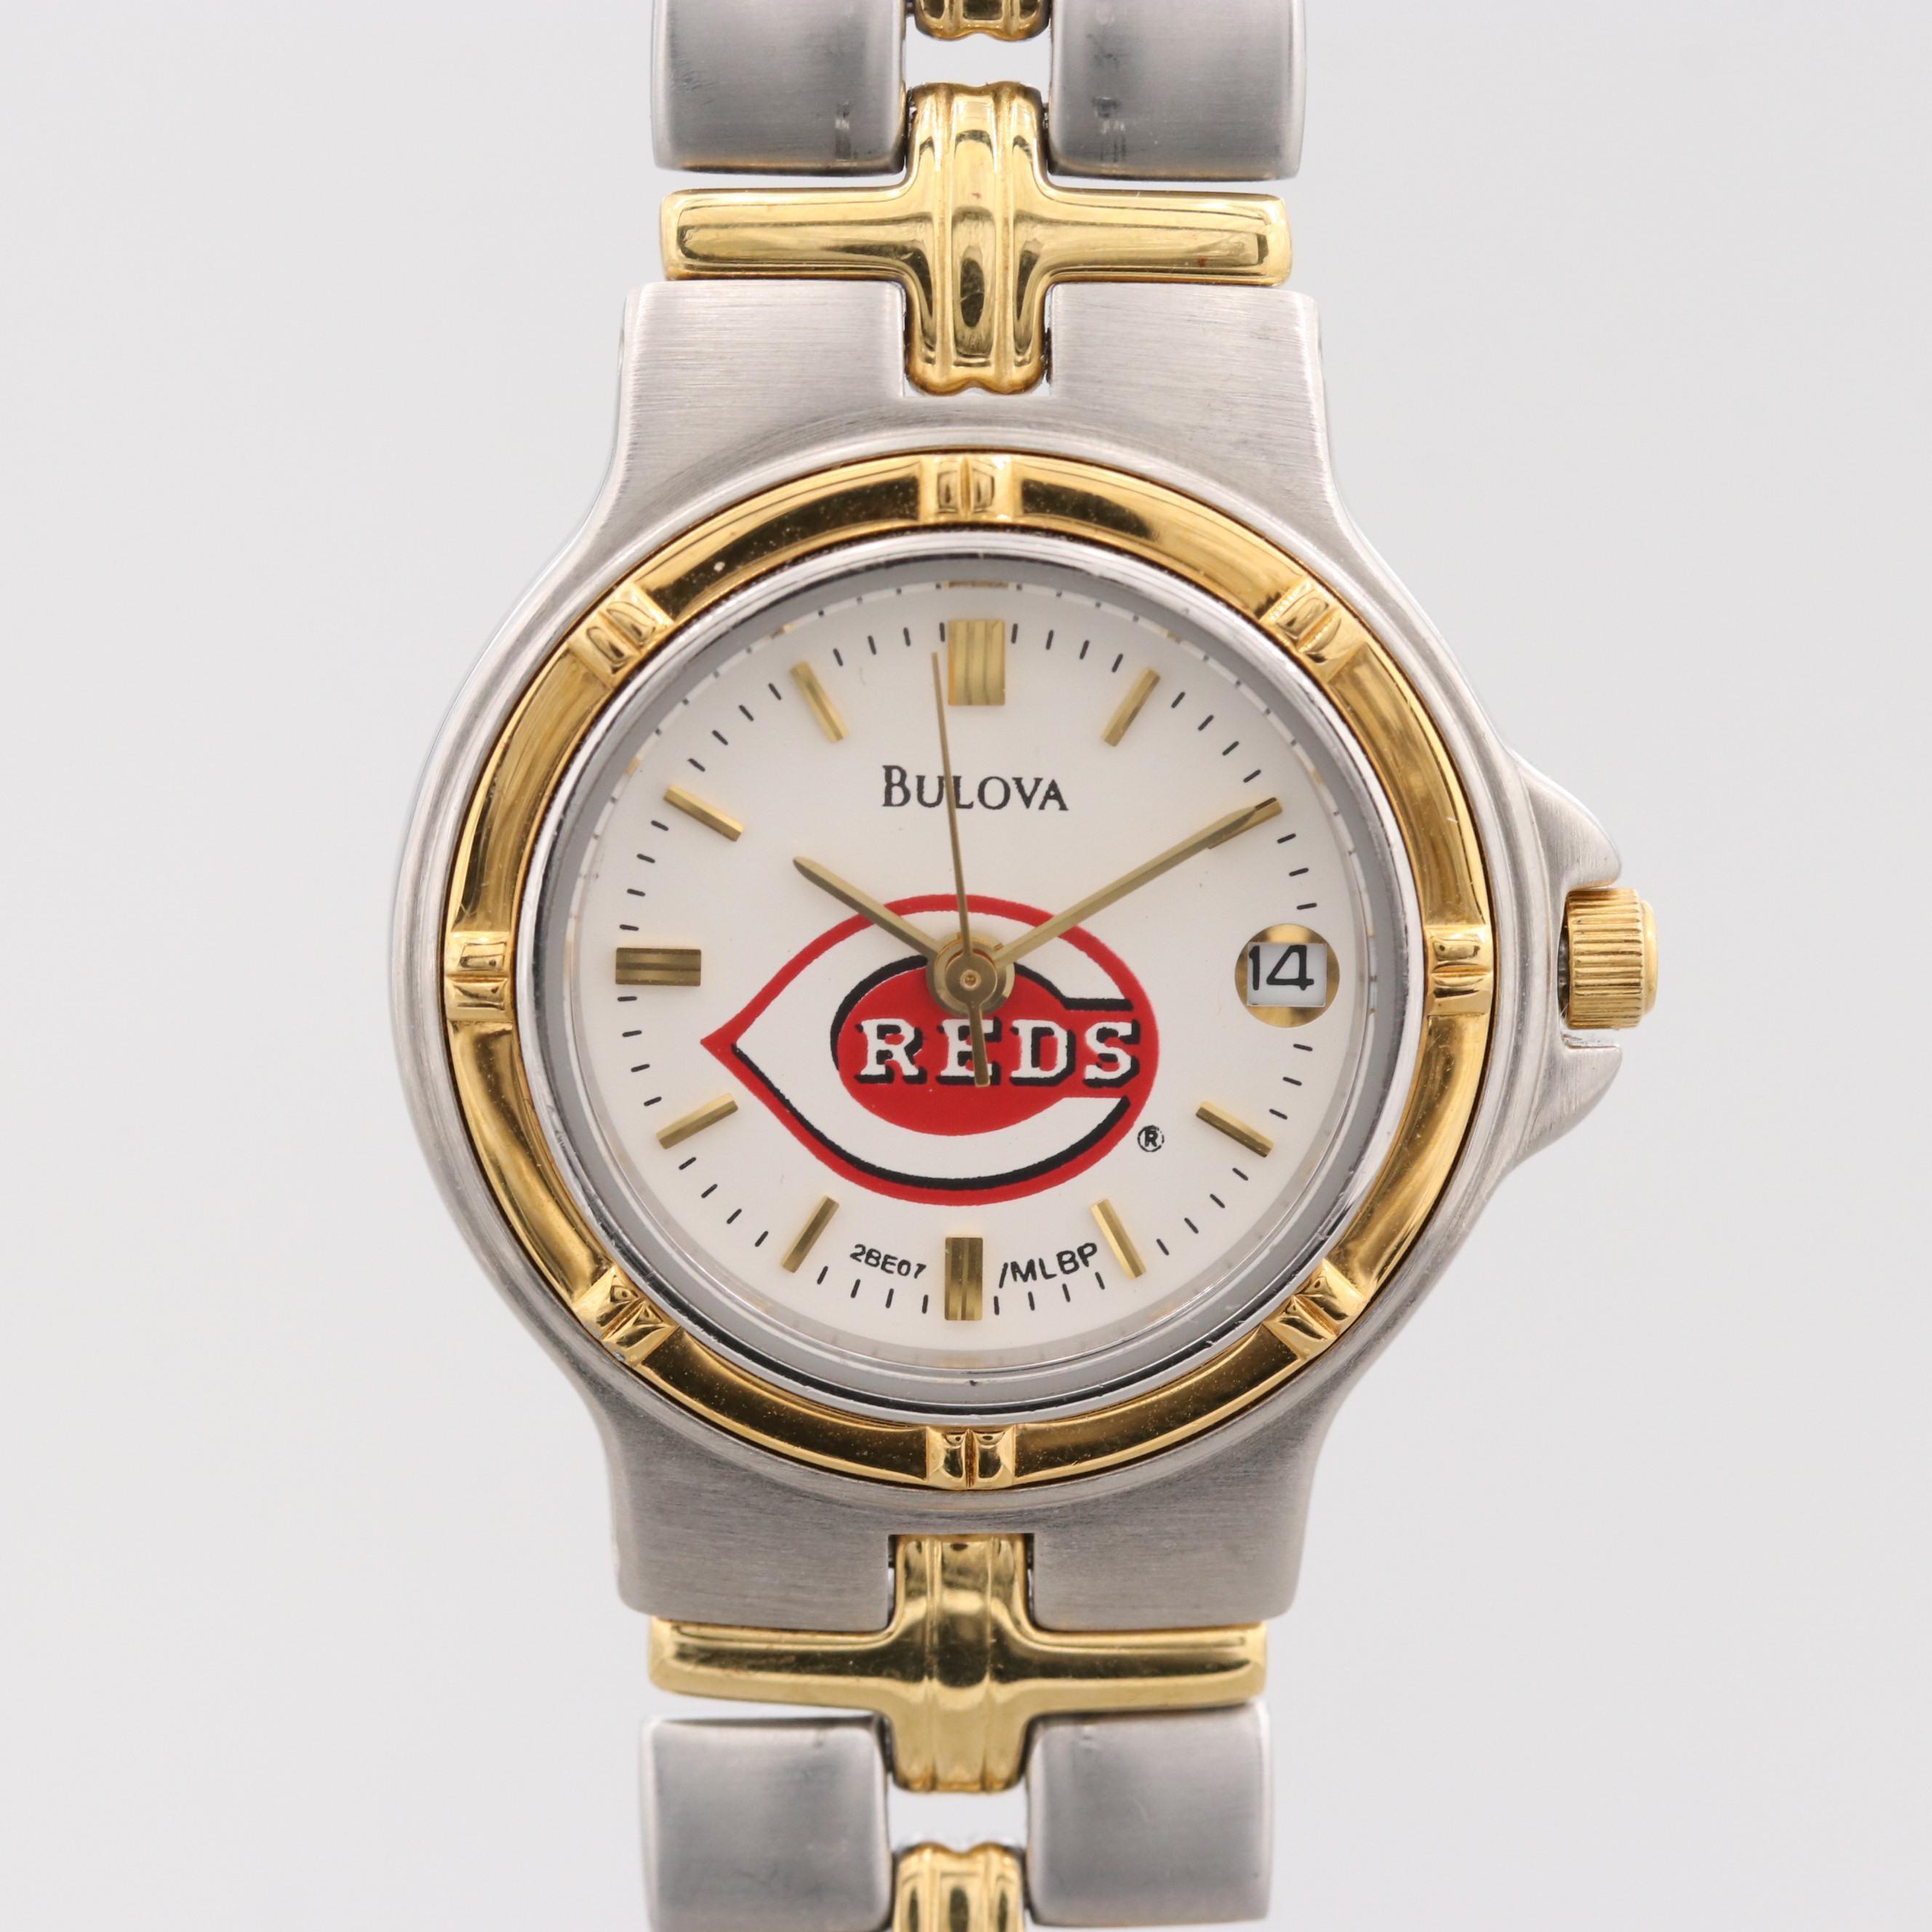 """Bulova Two-Tone """"Cincinnati Reds"""" Wristwatch With Date Window"""